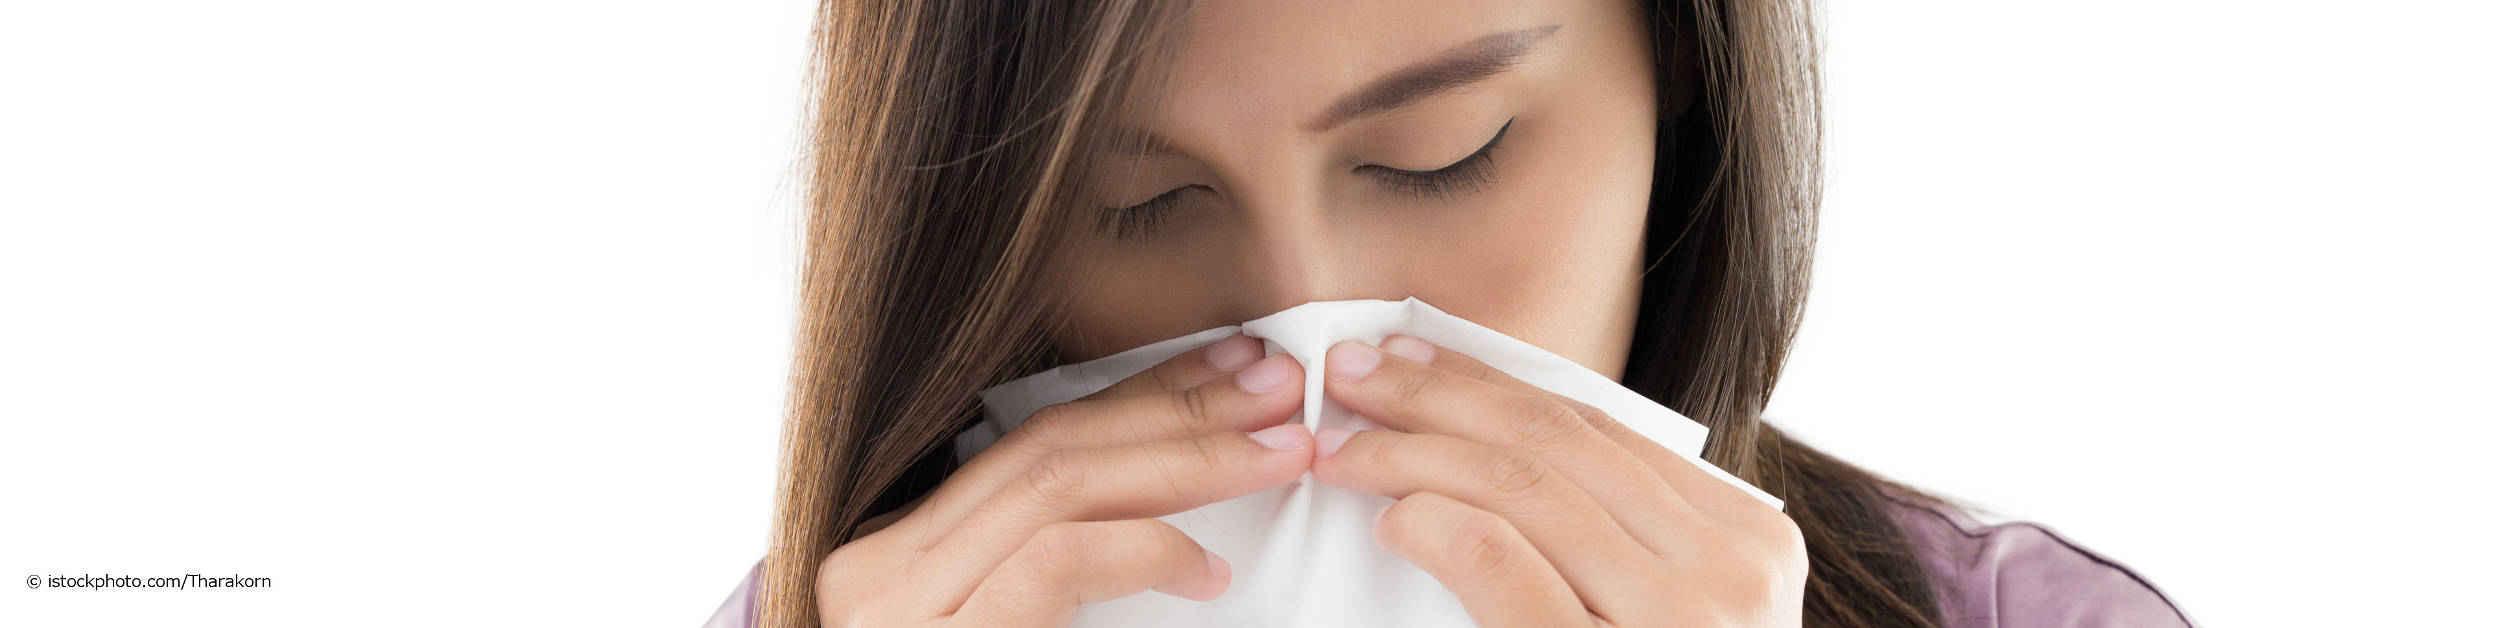 Junge Frau hat die Tipps gegen Nasenbluten von DocInsider gelesen und beugt ihren Kopf nach vorne und drückt sich ein Taschentuch gegen die Nasenflügel